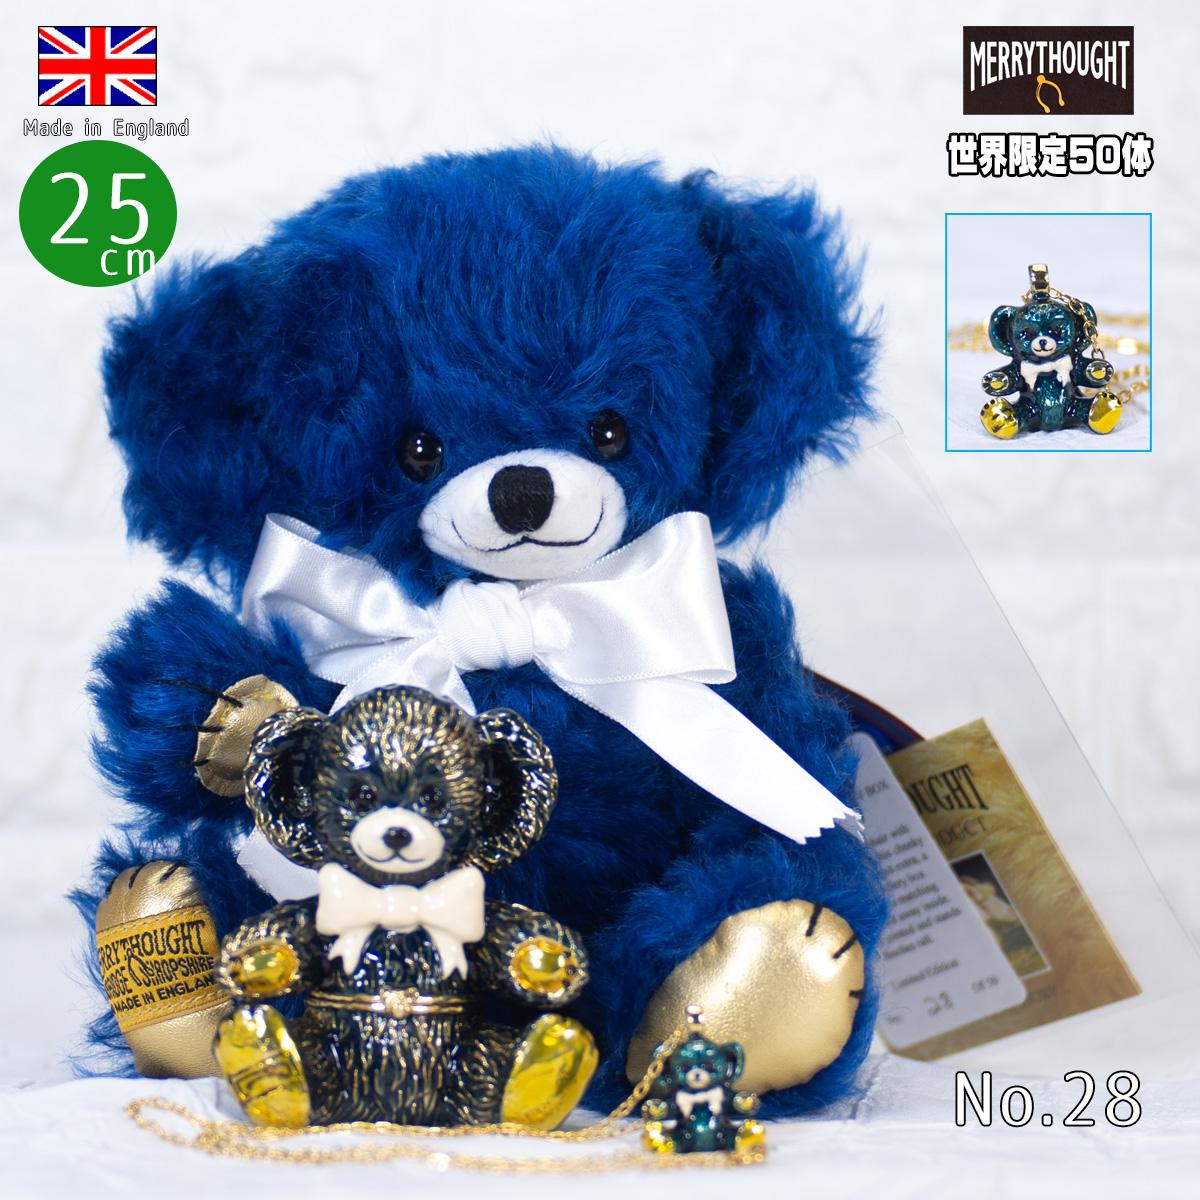 メリーソート チーキージュエル ブルー 25cm 2007年世界限定 メリーソート Mrrythought テディベア ぬいぐるみ